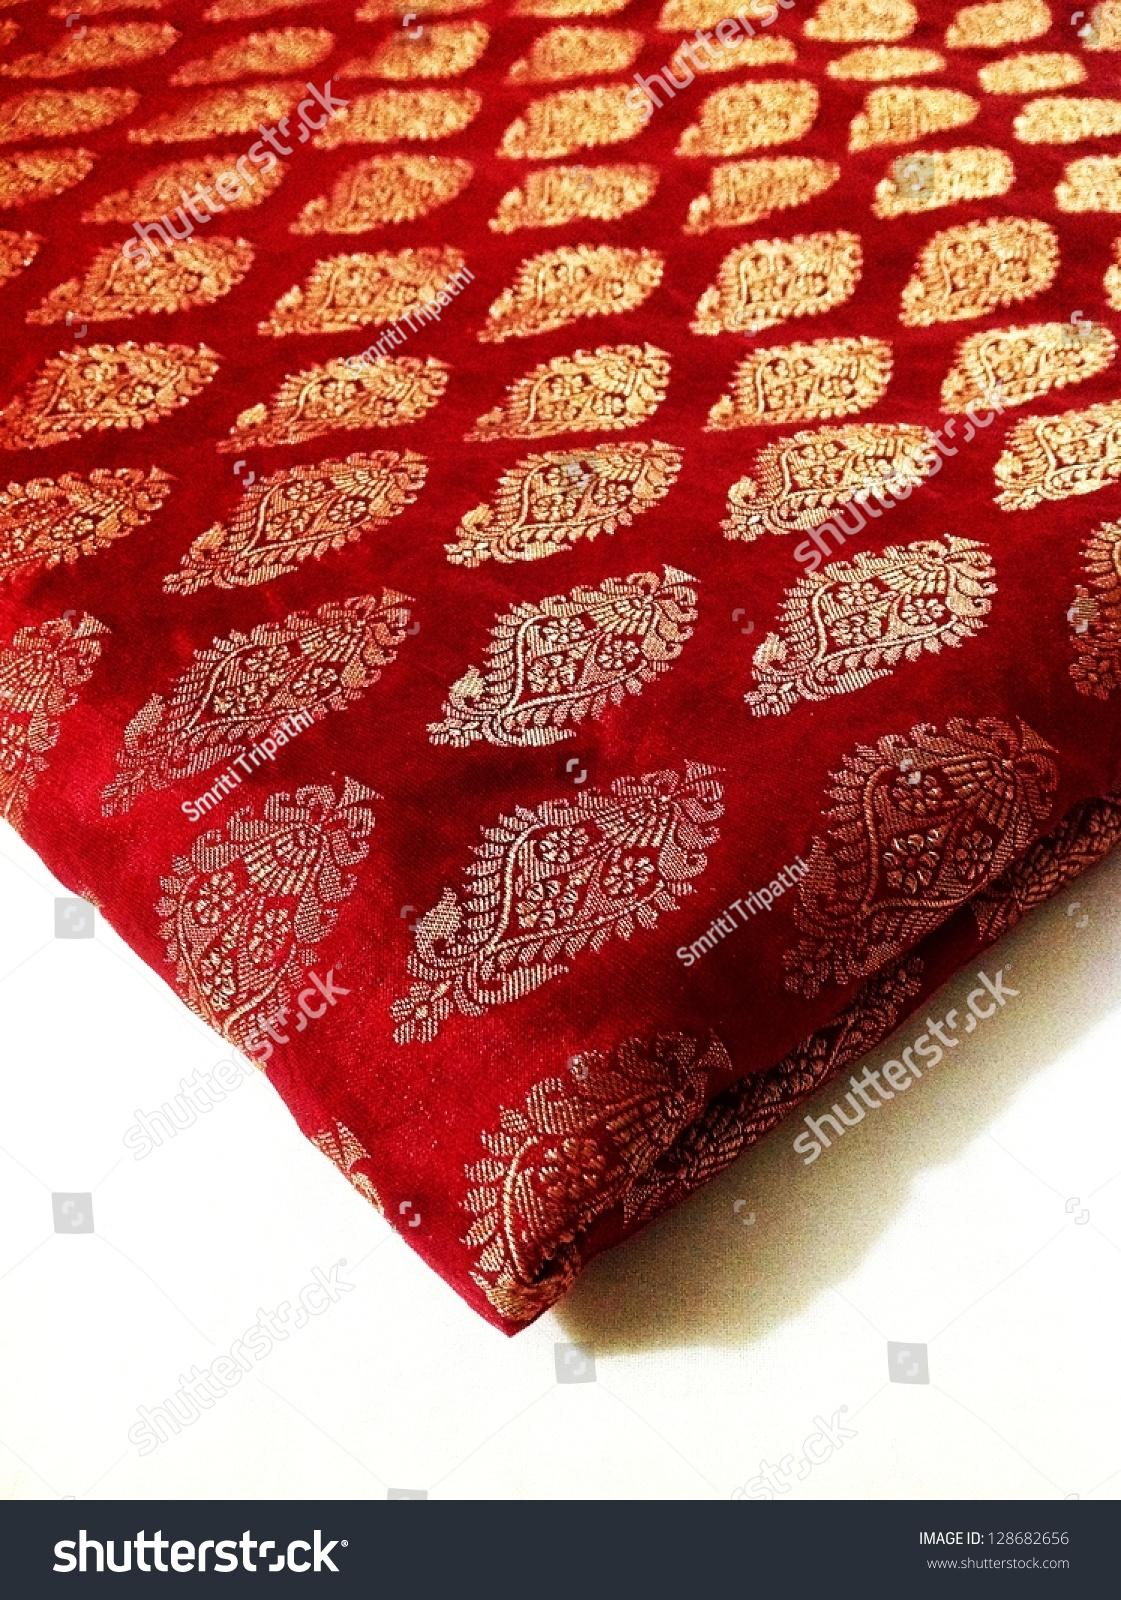 Wine Red Banarasi Silk Fabric Bronze Stock Photo 128682656